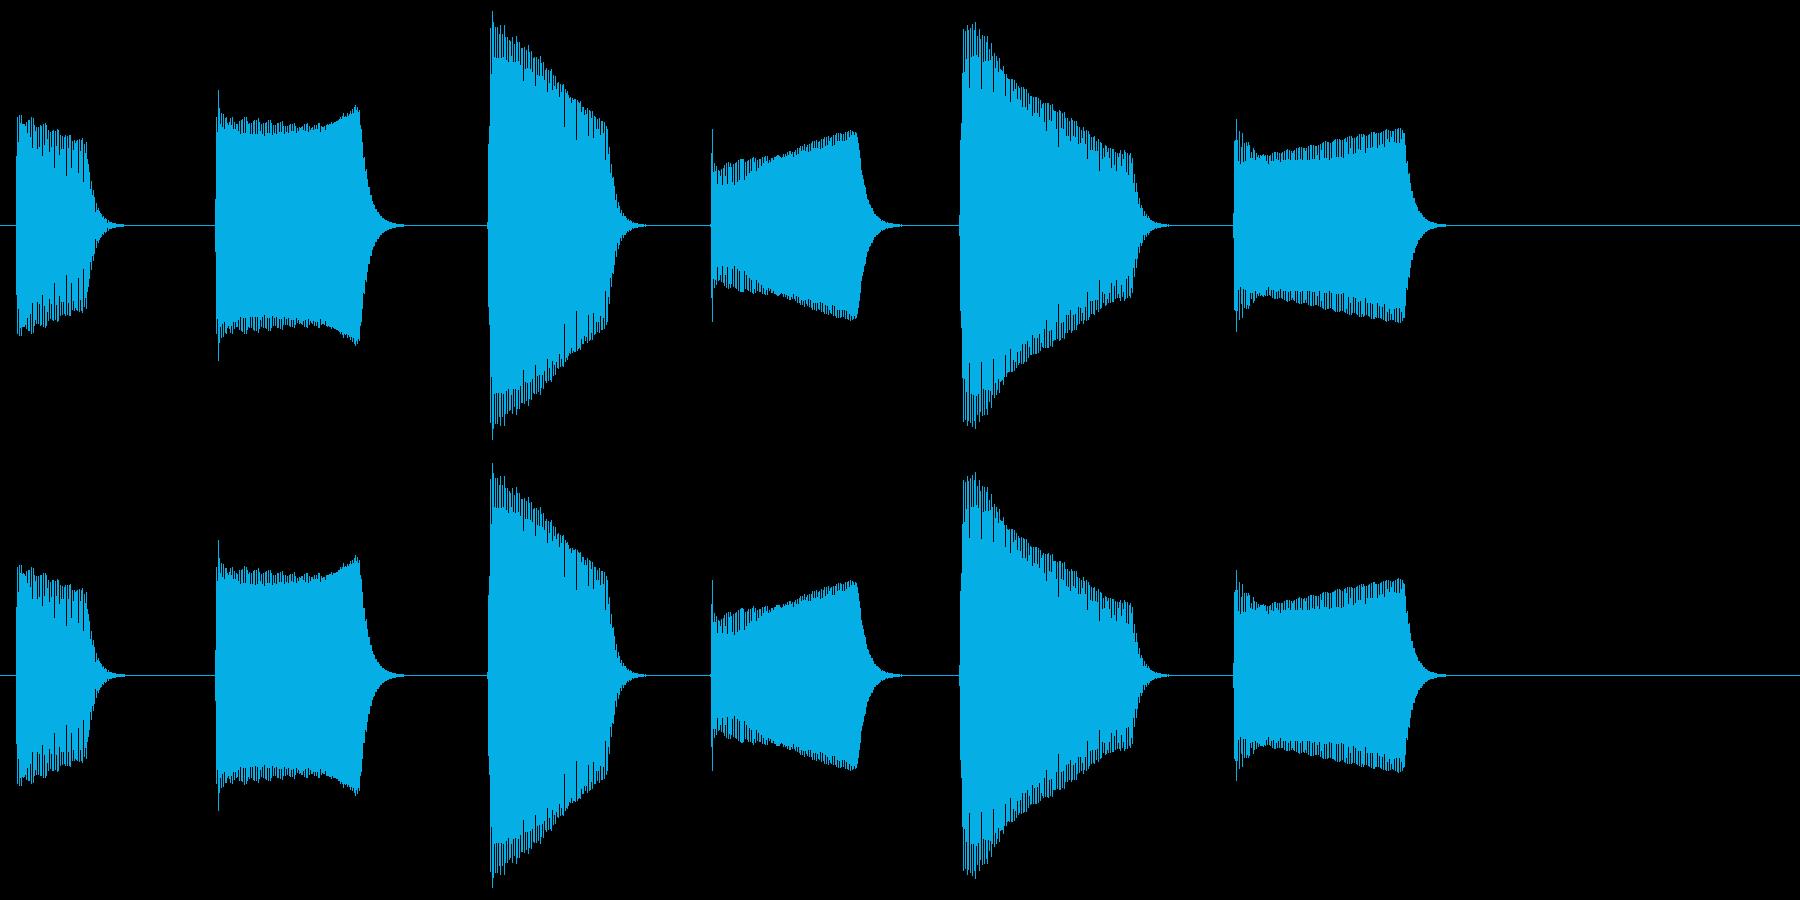 ピピピピピピ(目覚まし時計のアラーム音)の再生済みの波形